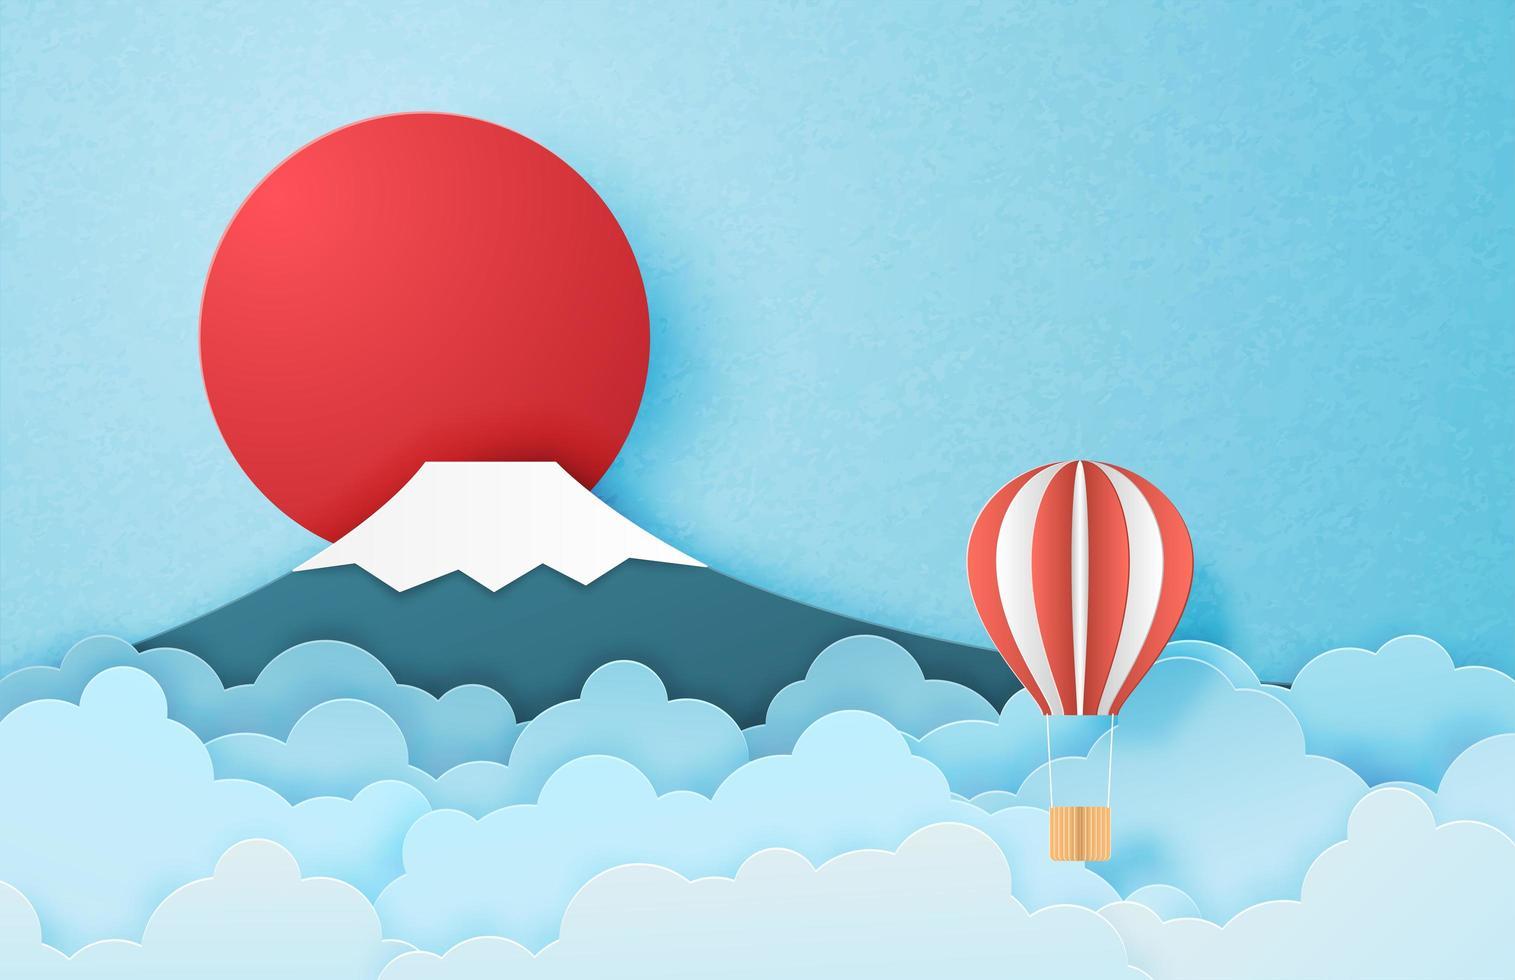 mongolfiera fluttuante nel cielo vettore